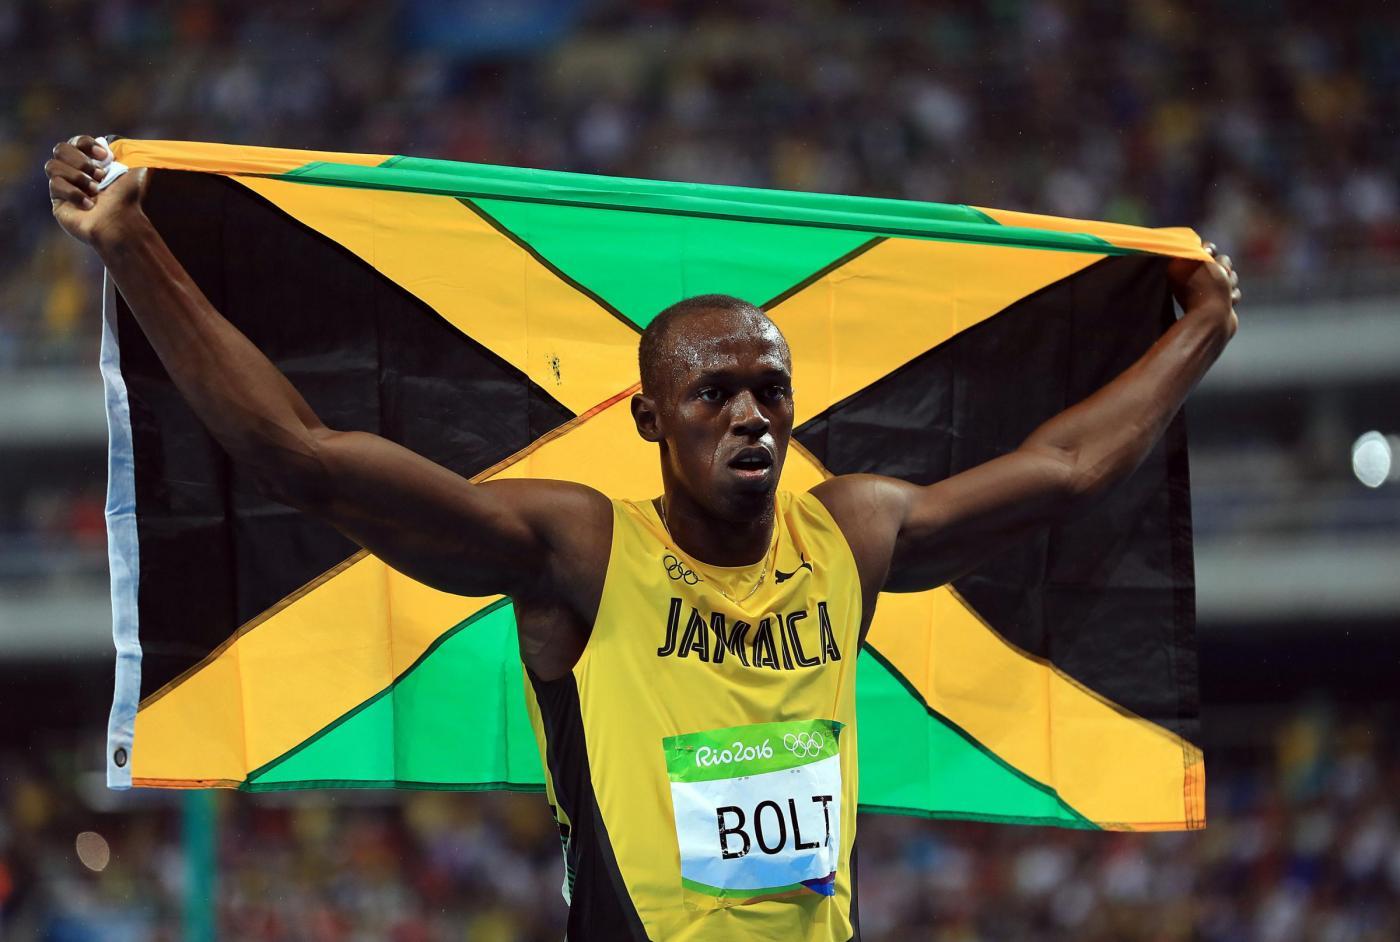 Mondiali di atletica leggera: calendario, orari e dove vederli in diretta TV e in streaming